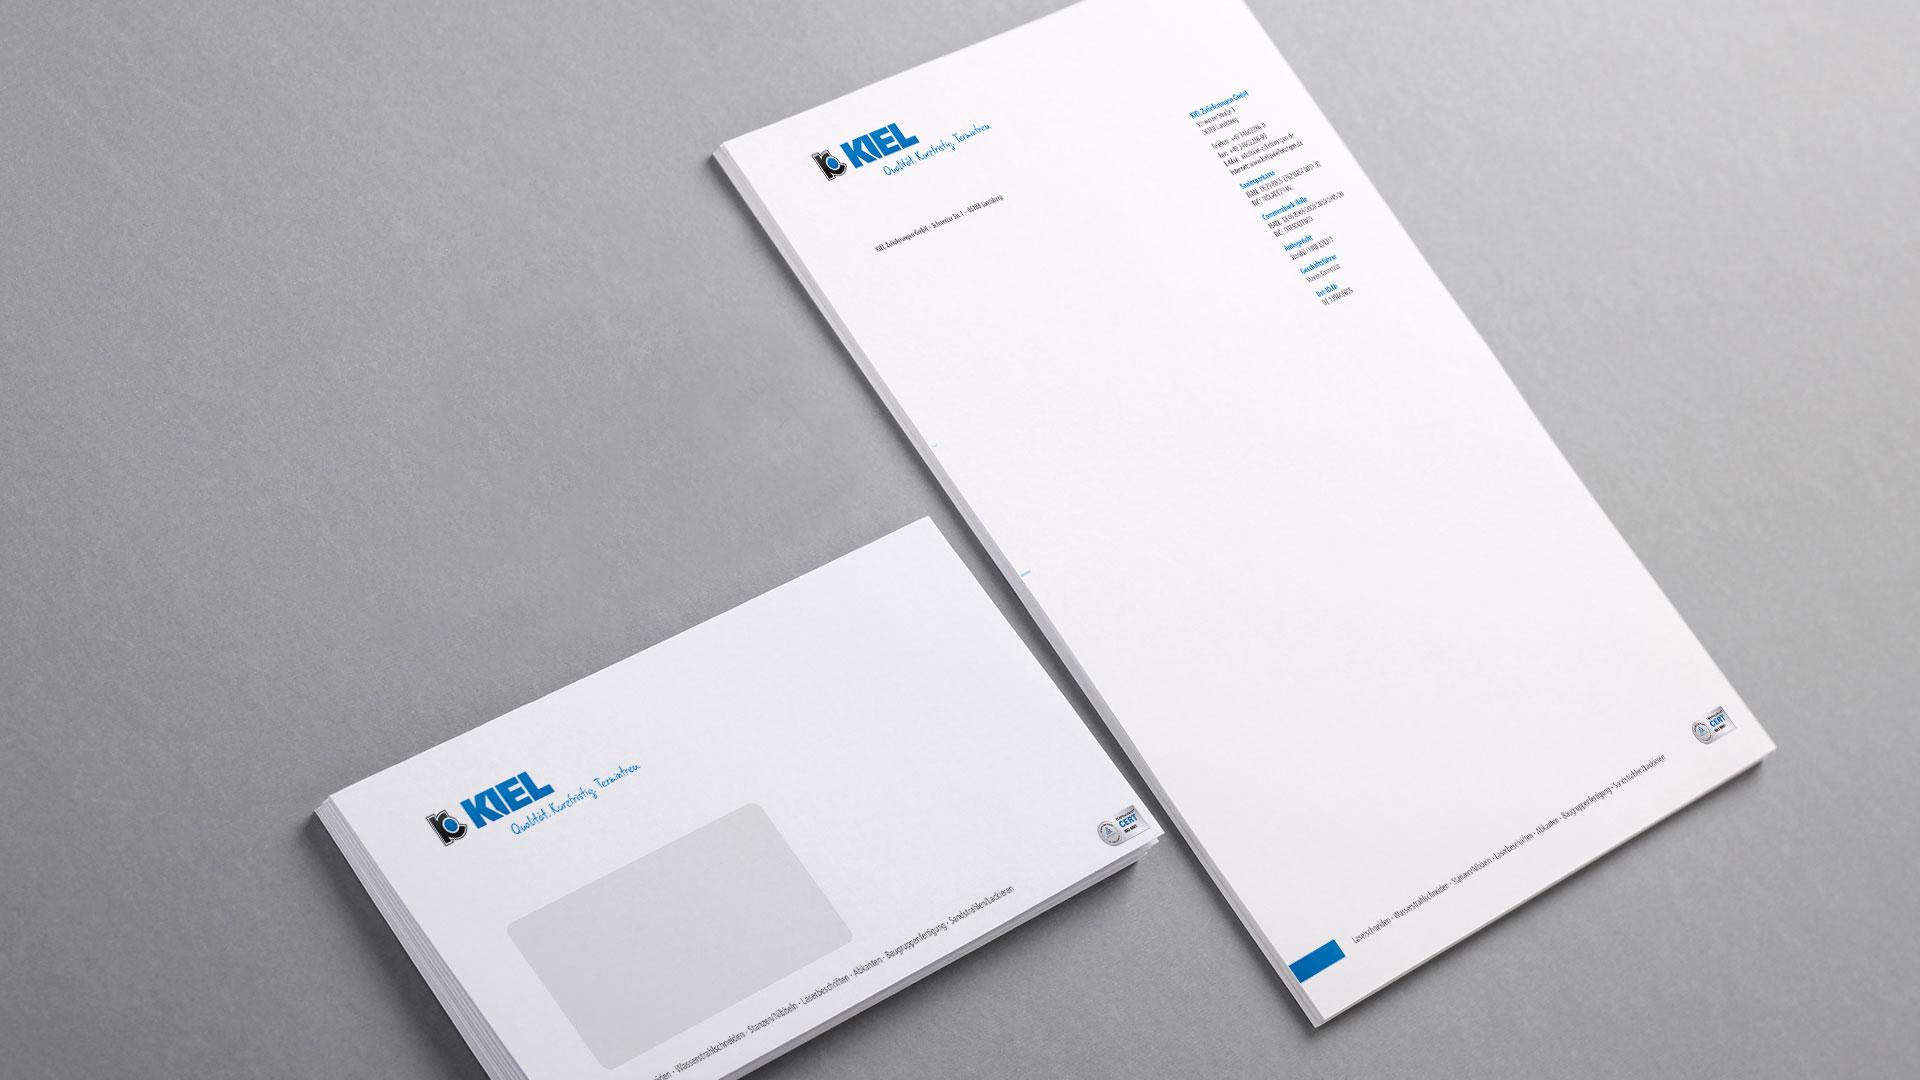 KIEL Zulieferungen GmbH